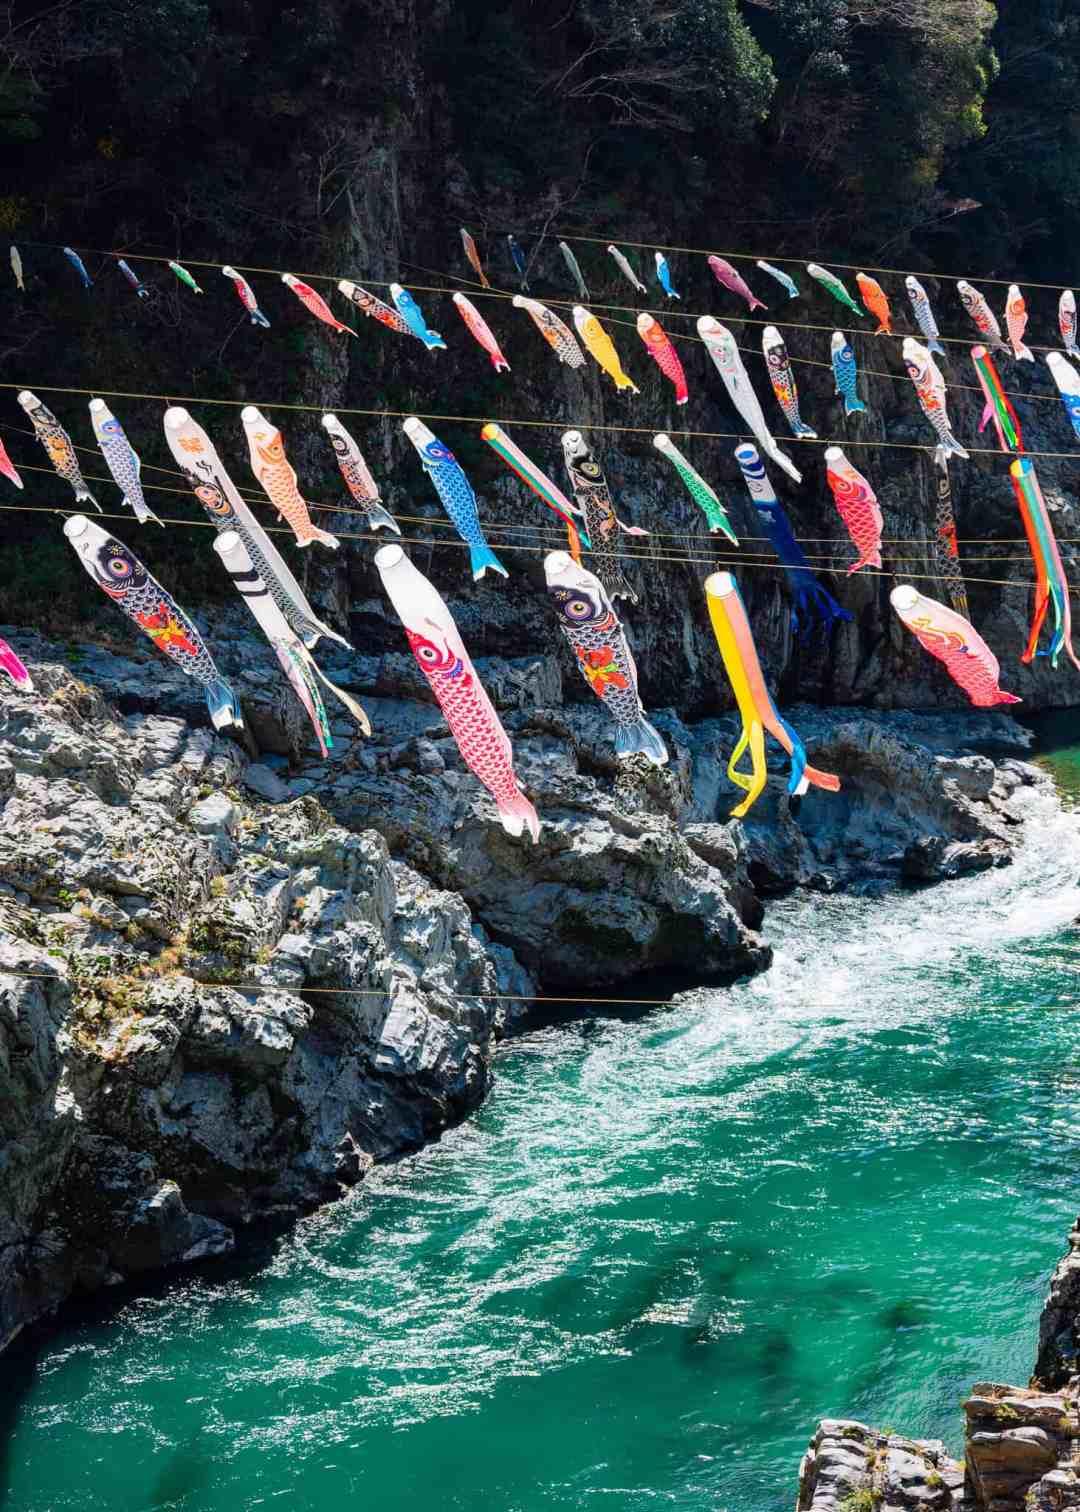 koinobori strung over the yoshino river